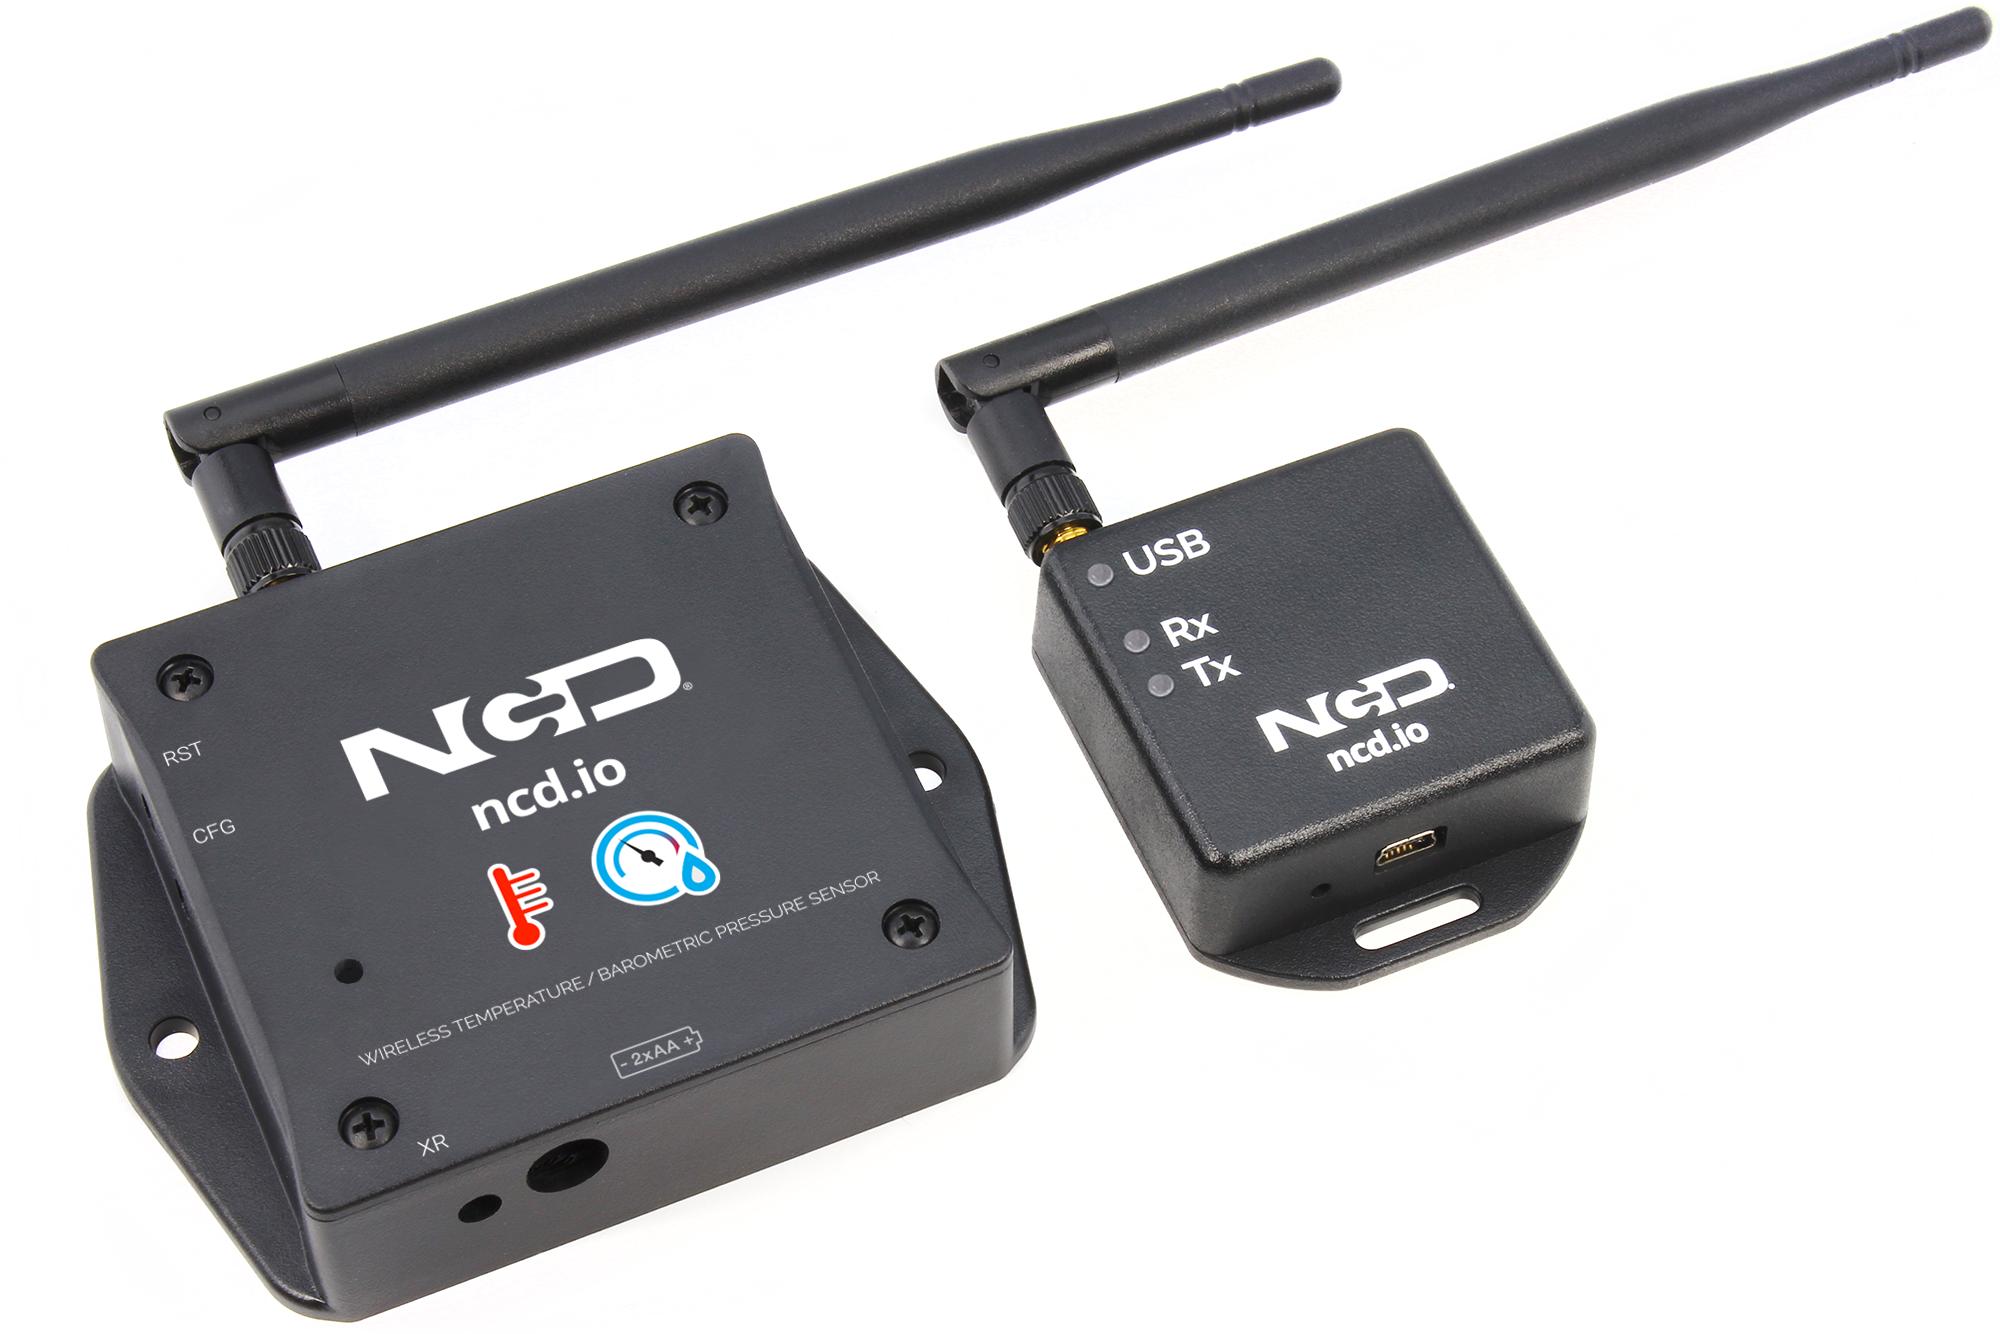 Industrial Iot Wireless Temperature Barometric Pressure Sensor Digital Meter Circuit Temperaturesensor